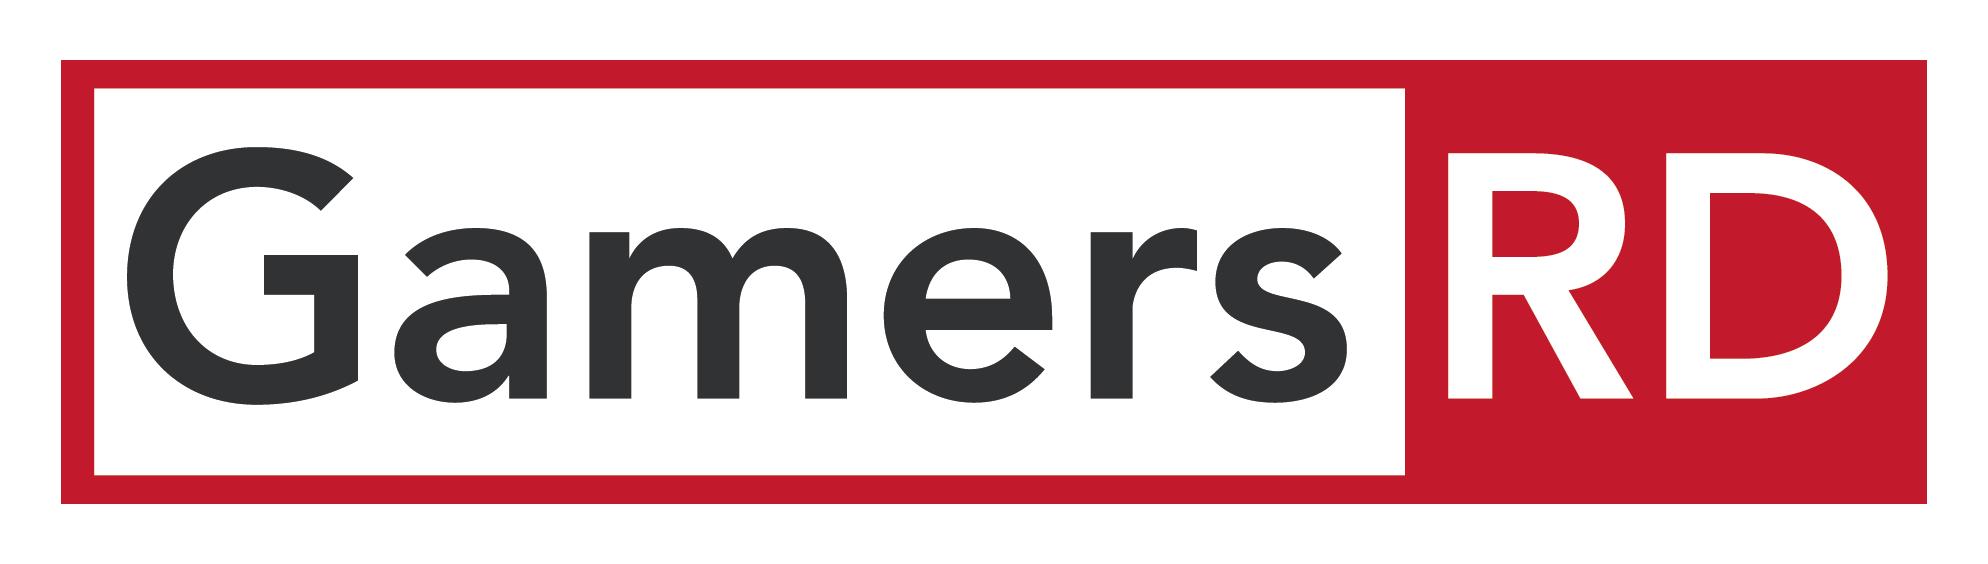 GamersRD.com